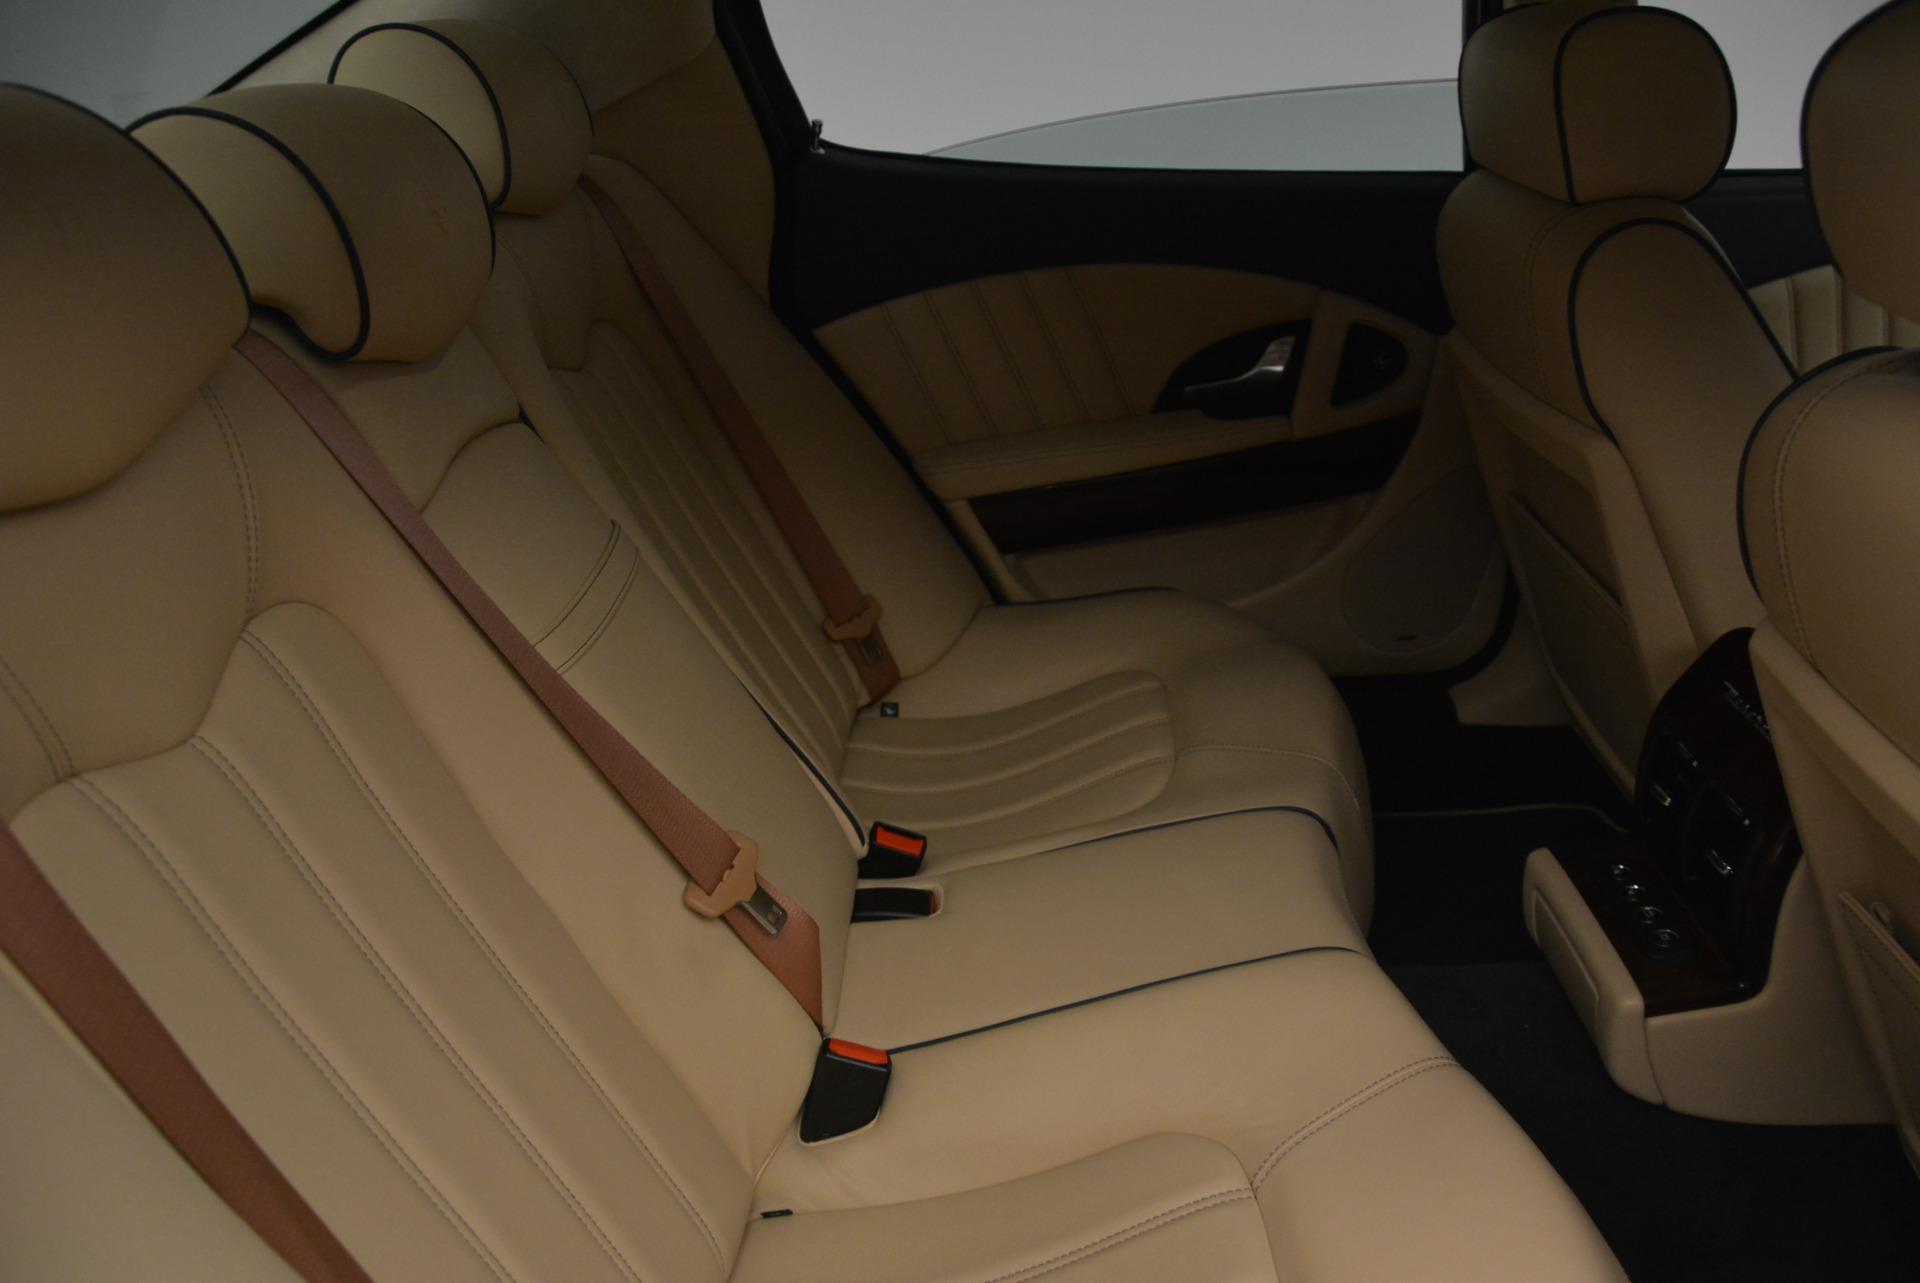 Used 2010 Maserati Quattroporte S For Sale In Greenwich, CT. Alfa Romeo of Greenwich, 1267 795_p21